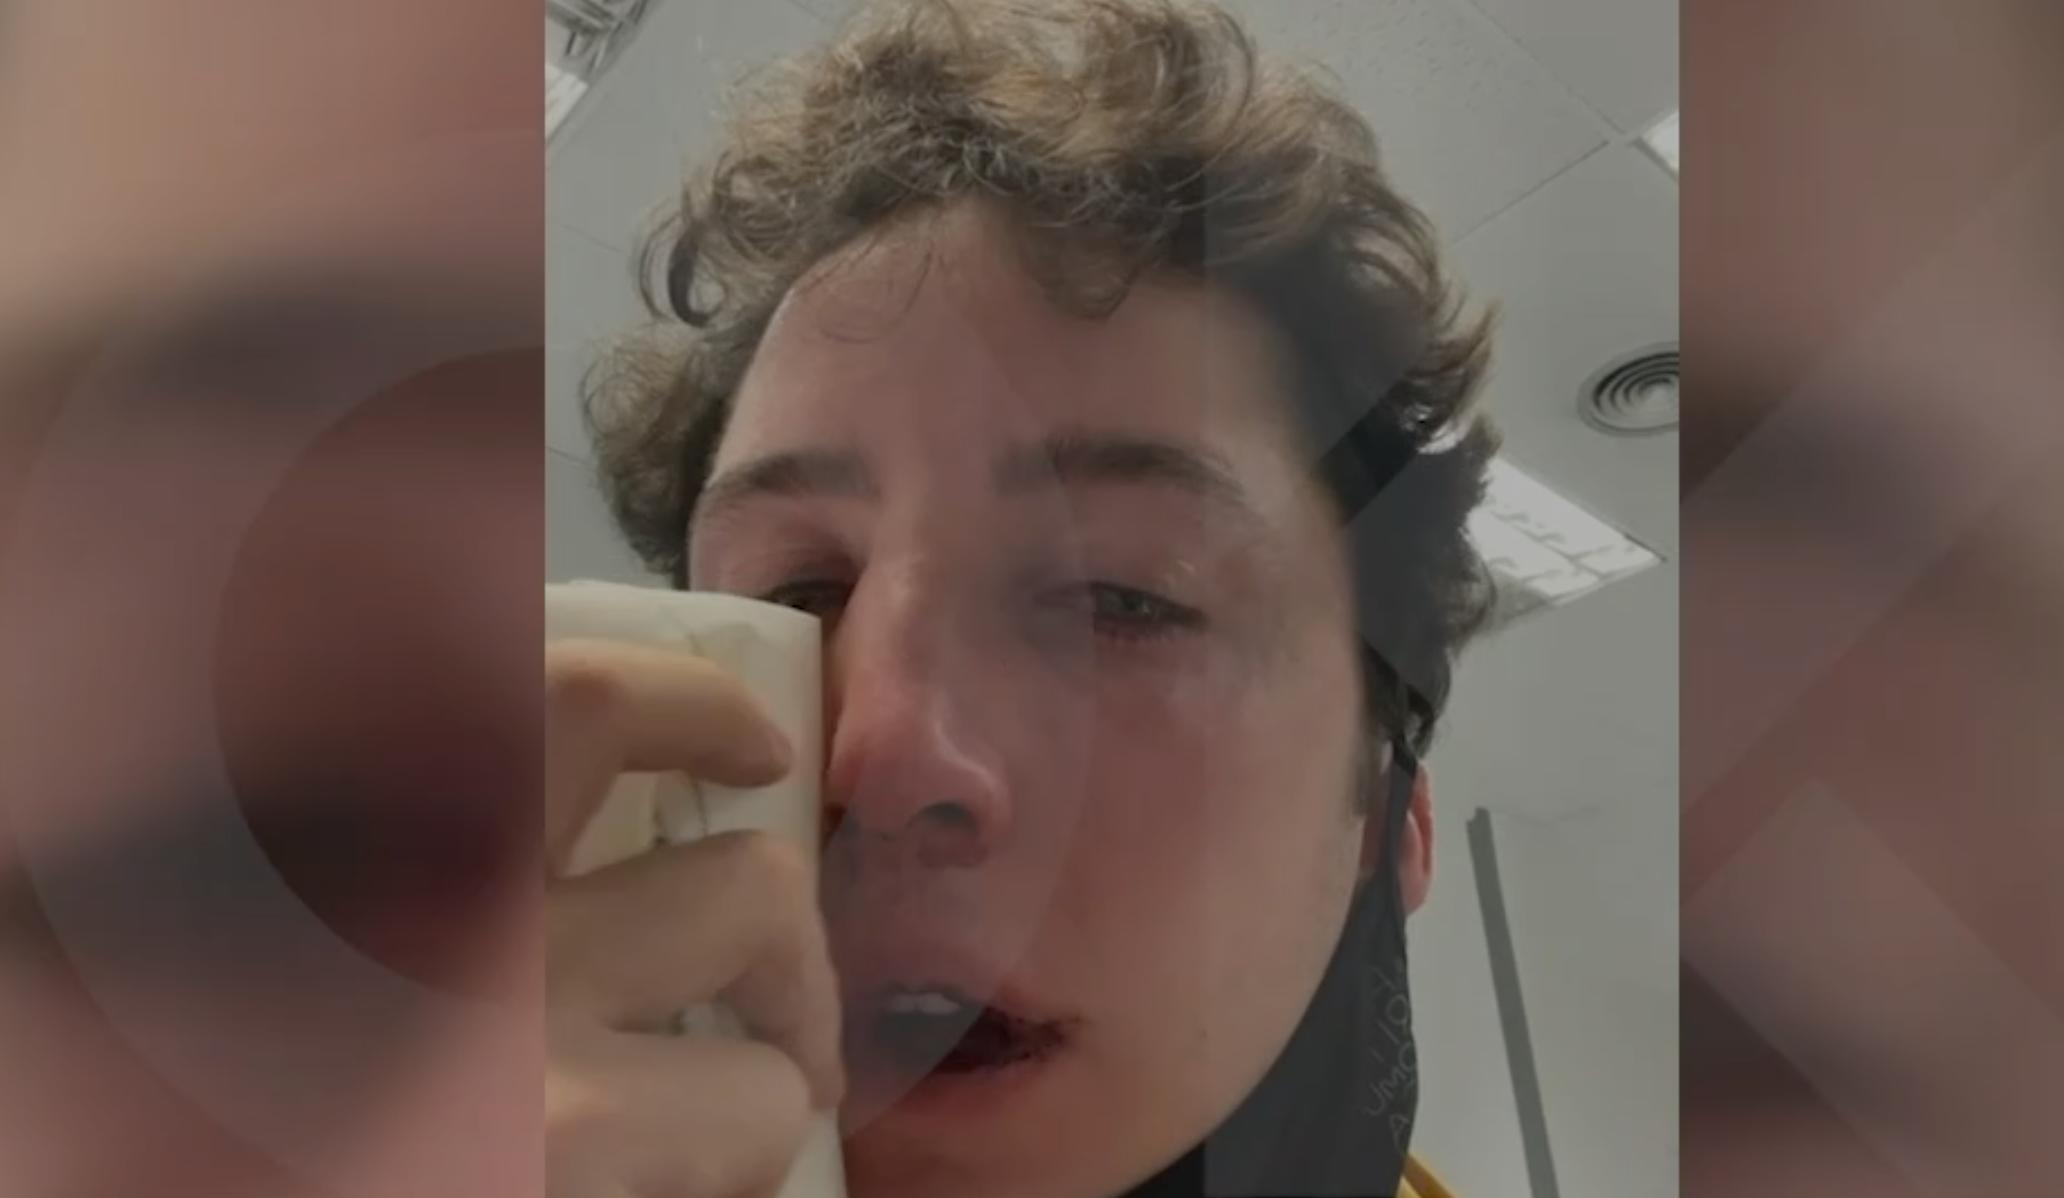 El 'Pequeño Nicolás' amb el nas trencat | OK Diario